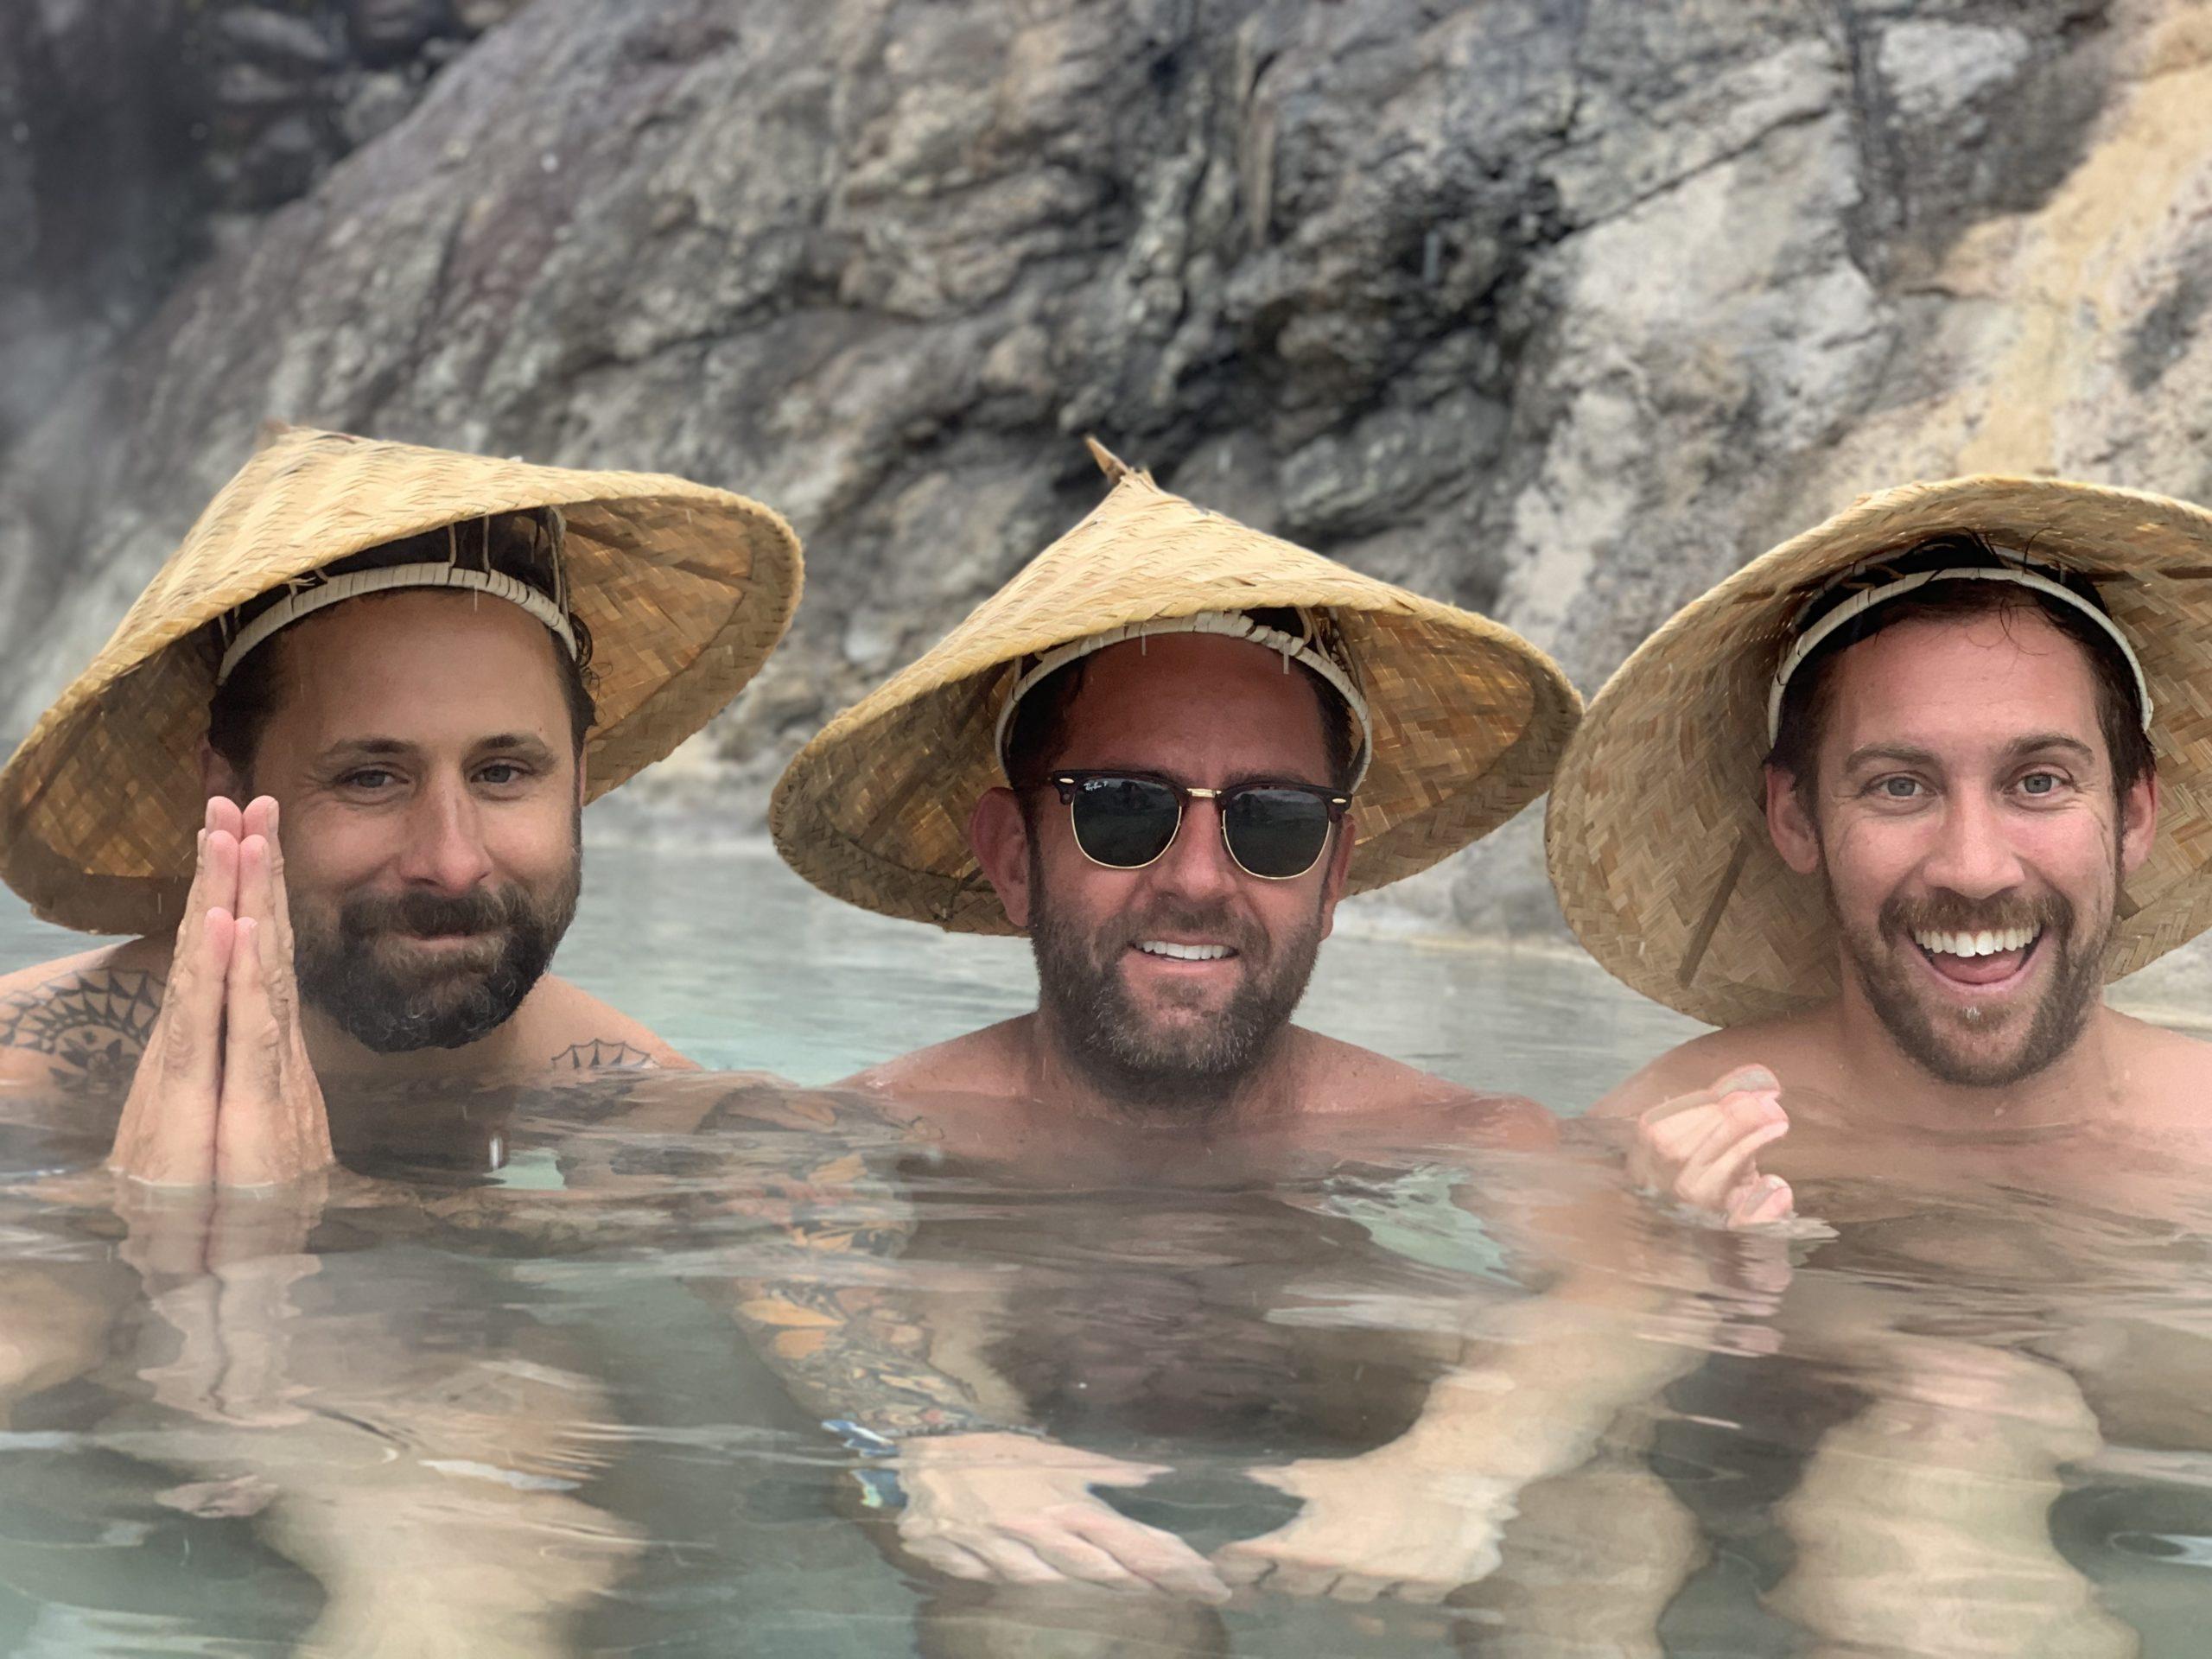 Hakuba Onsen - 3 Men in Japanese Hats